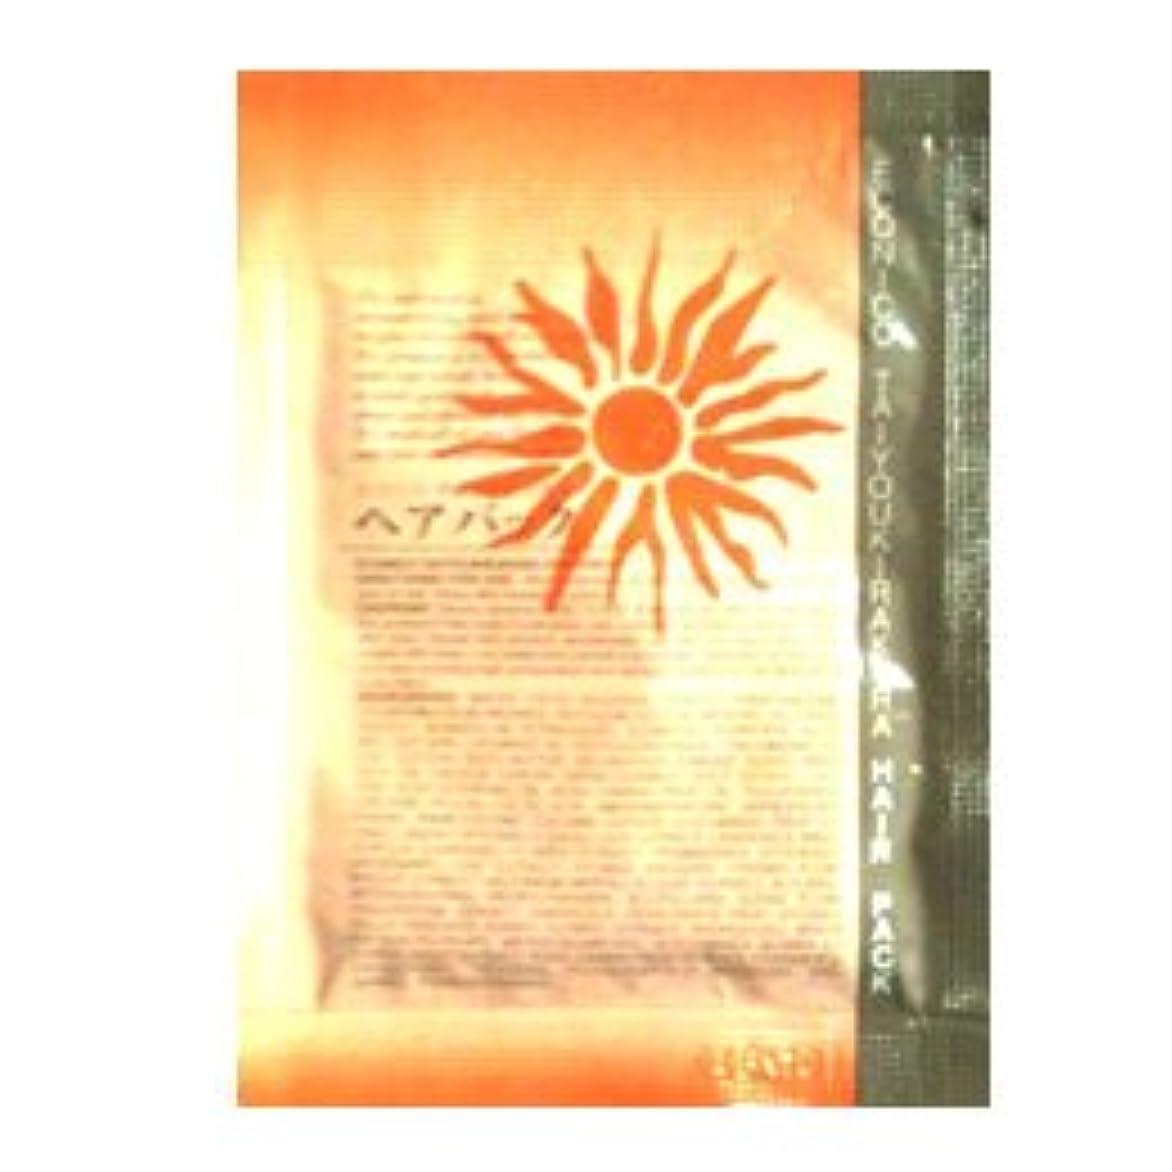 許す漏れ崇拝するハホニコ エコニコ タイヨウキラキラ ヘアパック 10g ラミネート